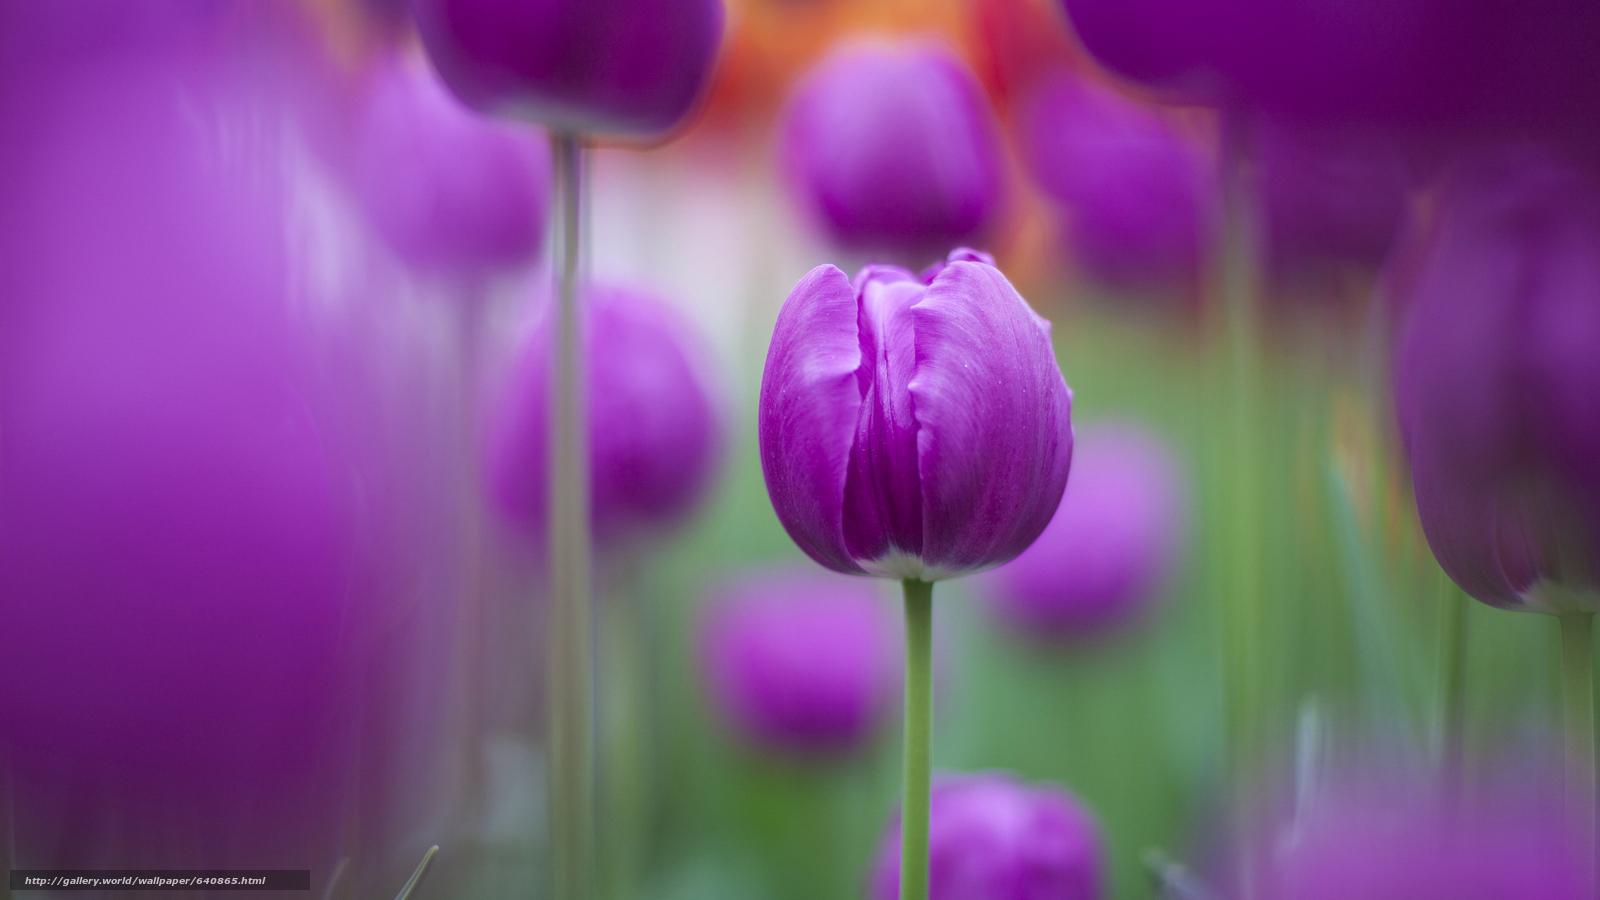 Скачать обои тюльпан,  тюльпаны,  цветы,  цветок бесплатно для рабочего стола в разрешении 2048x1152 — картинка №640865